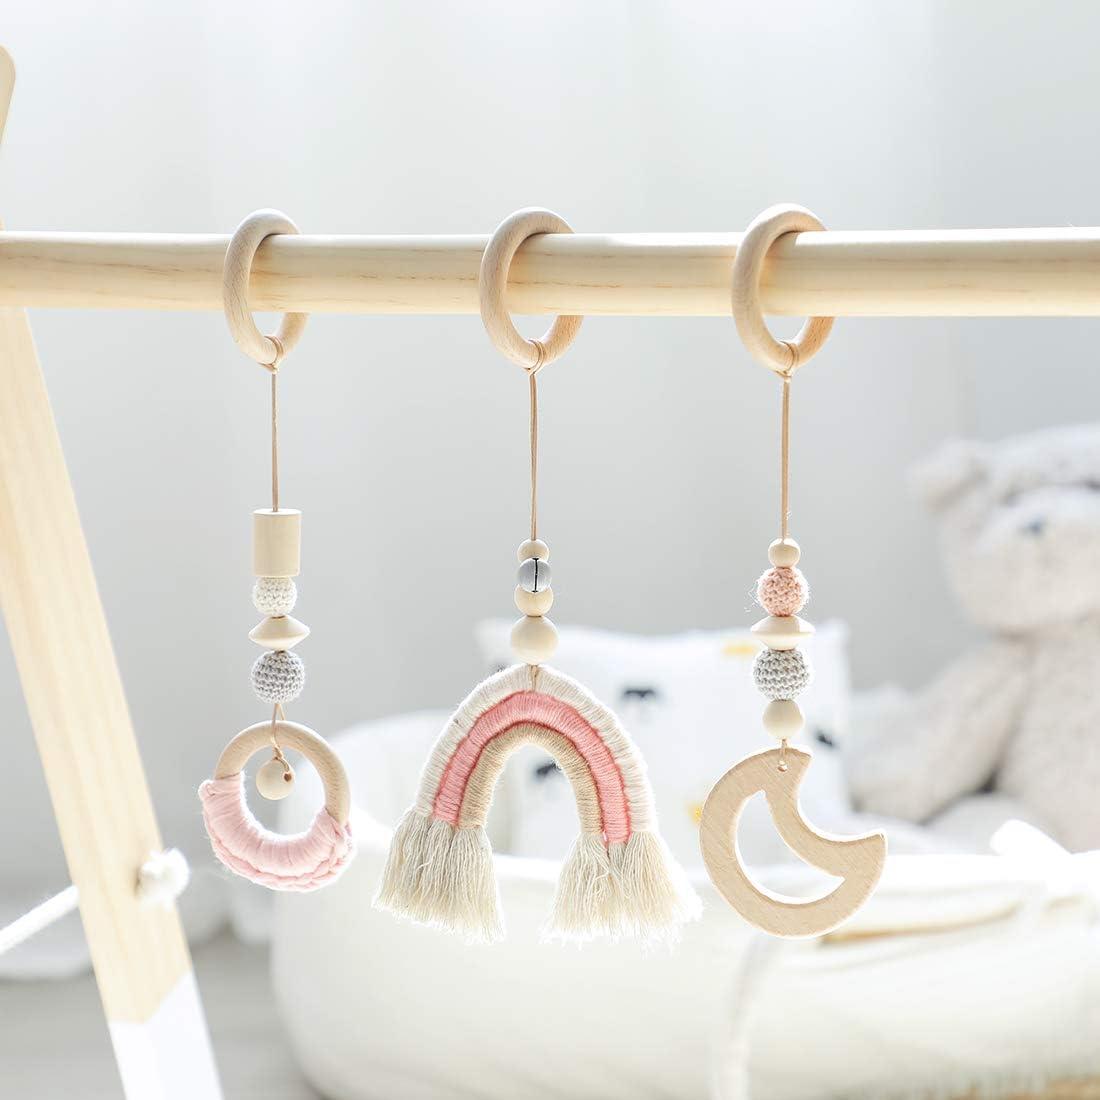 let's make 3pc Rainbow Baby Juego de Madera Juguetes de Gimnasio Colgante de Borla Tejida a Mano Baby Shower Gift (Muchacha Rosada)